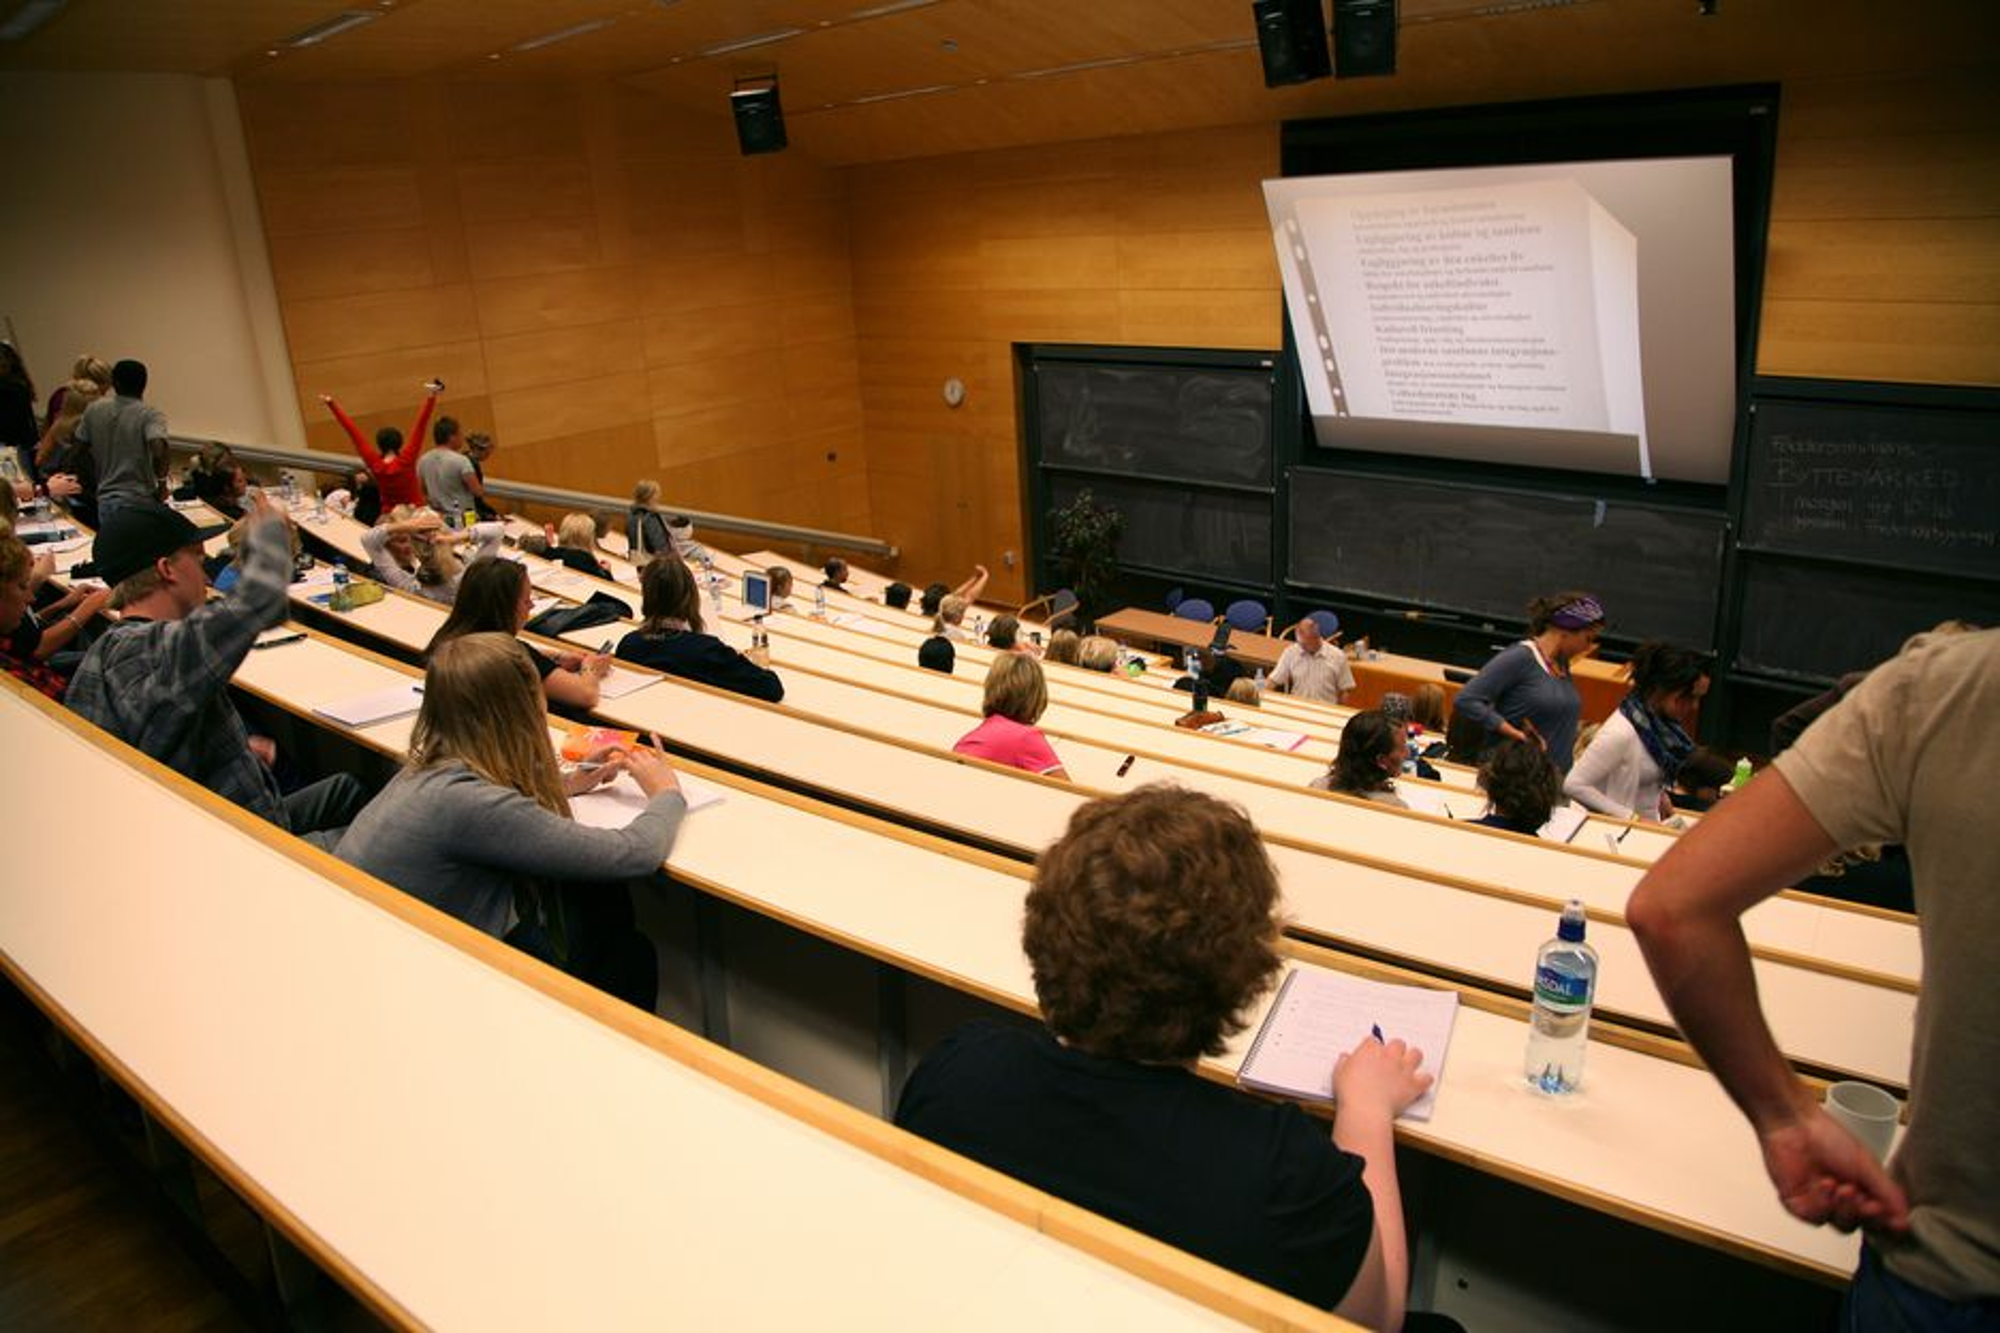 Universitetet i Oslo har ingen ledige studieplasser igjen. Men på restetorget er det fortsatt over 350 studier med ledige plasser.